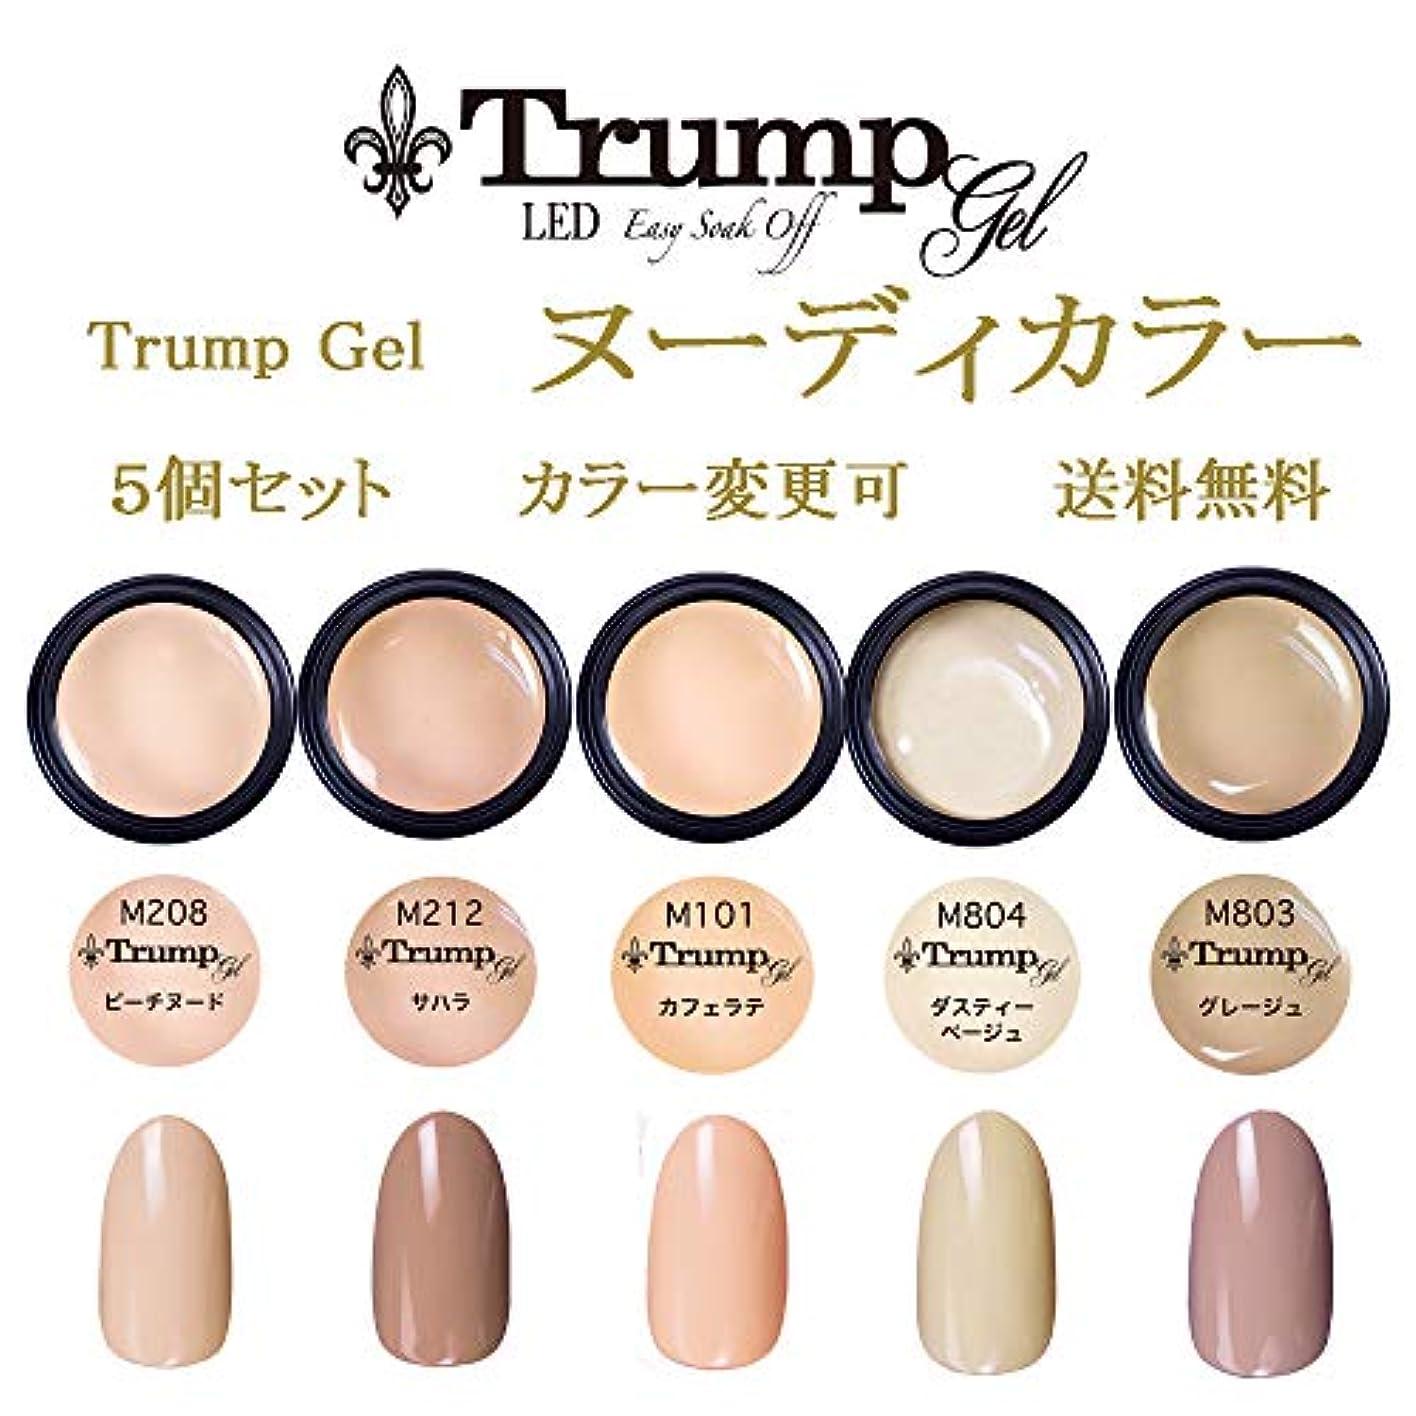 テロルアーコークス日本製 Trump gel トランプジェル ヌーディカラー 選べる カラージェル 5個セット ベージュ ブラウン ピンク